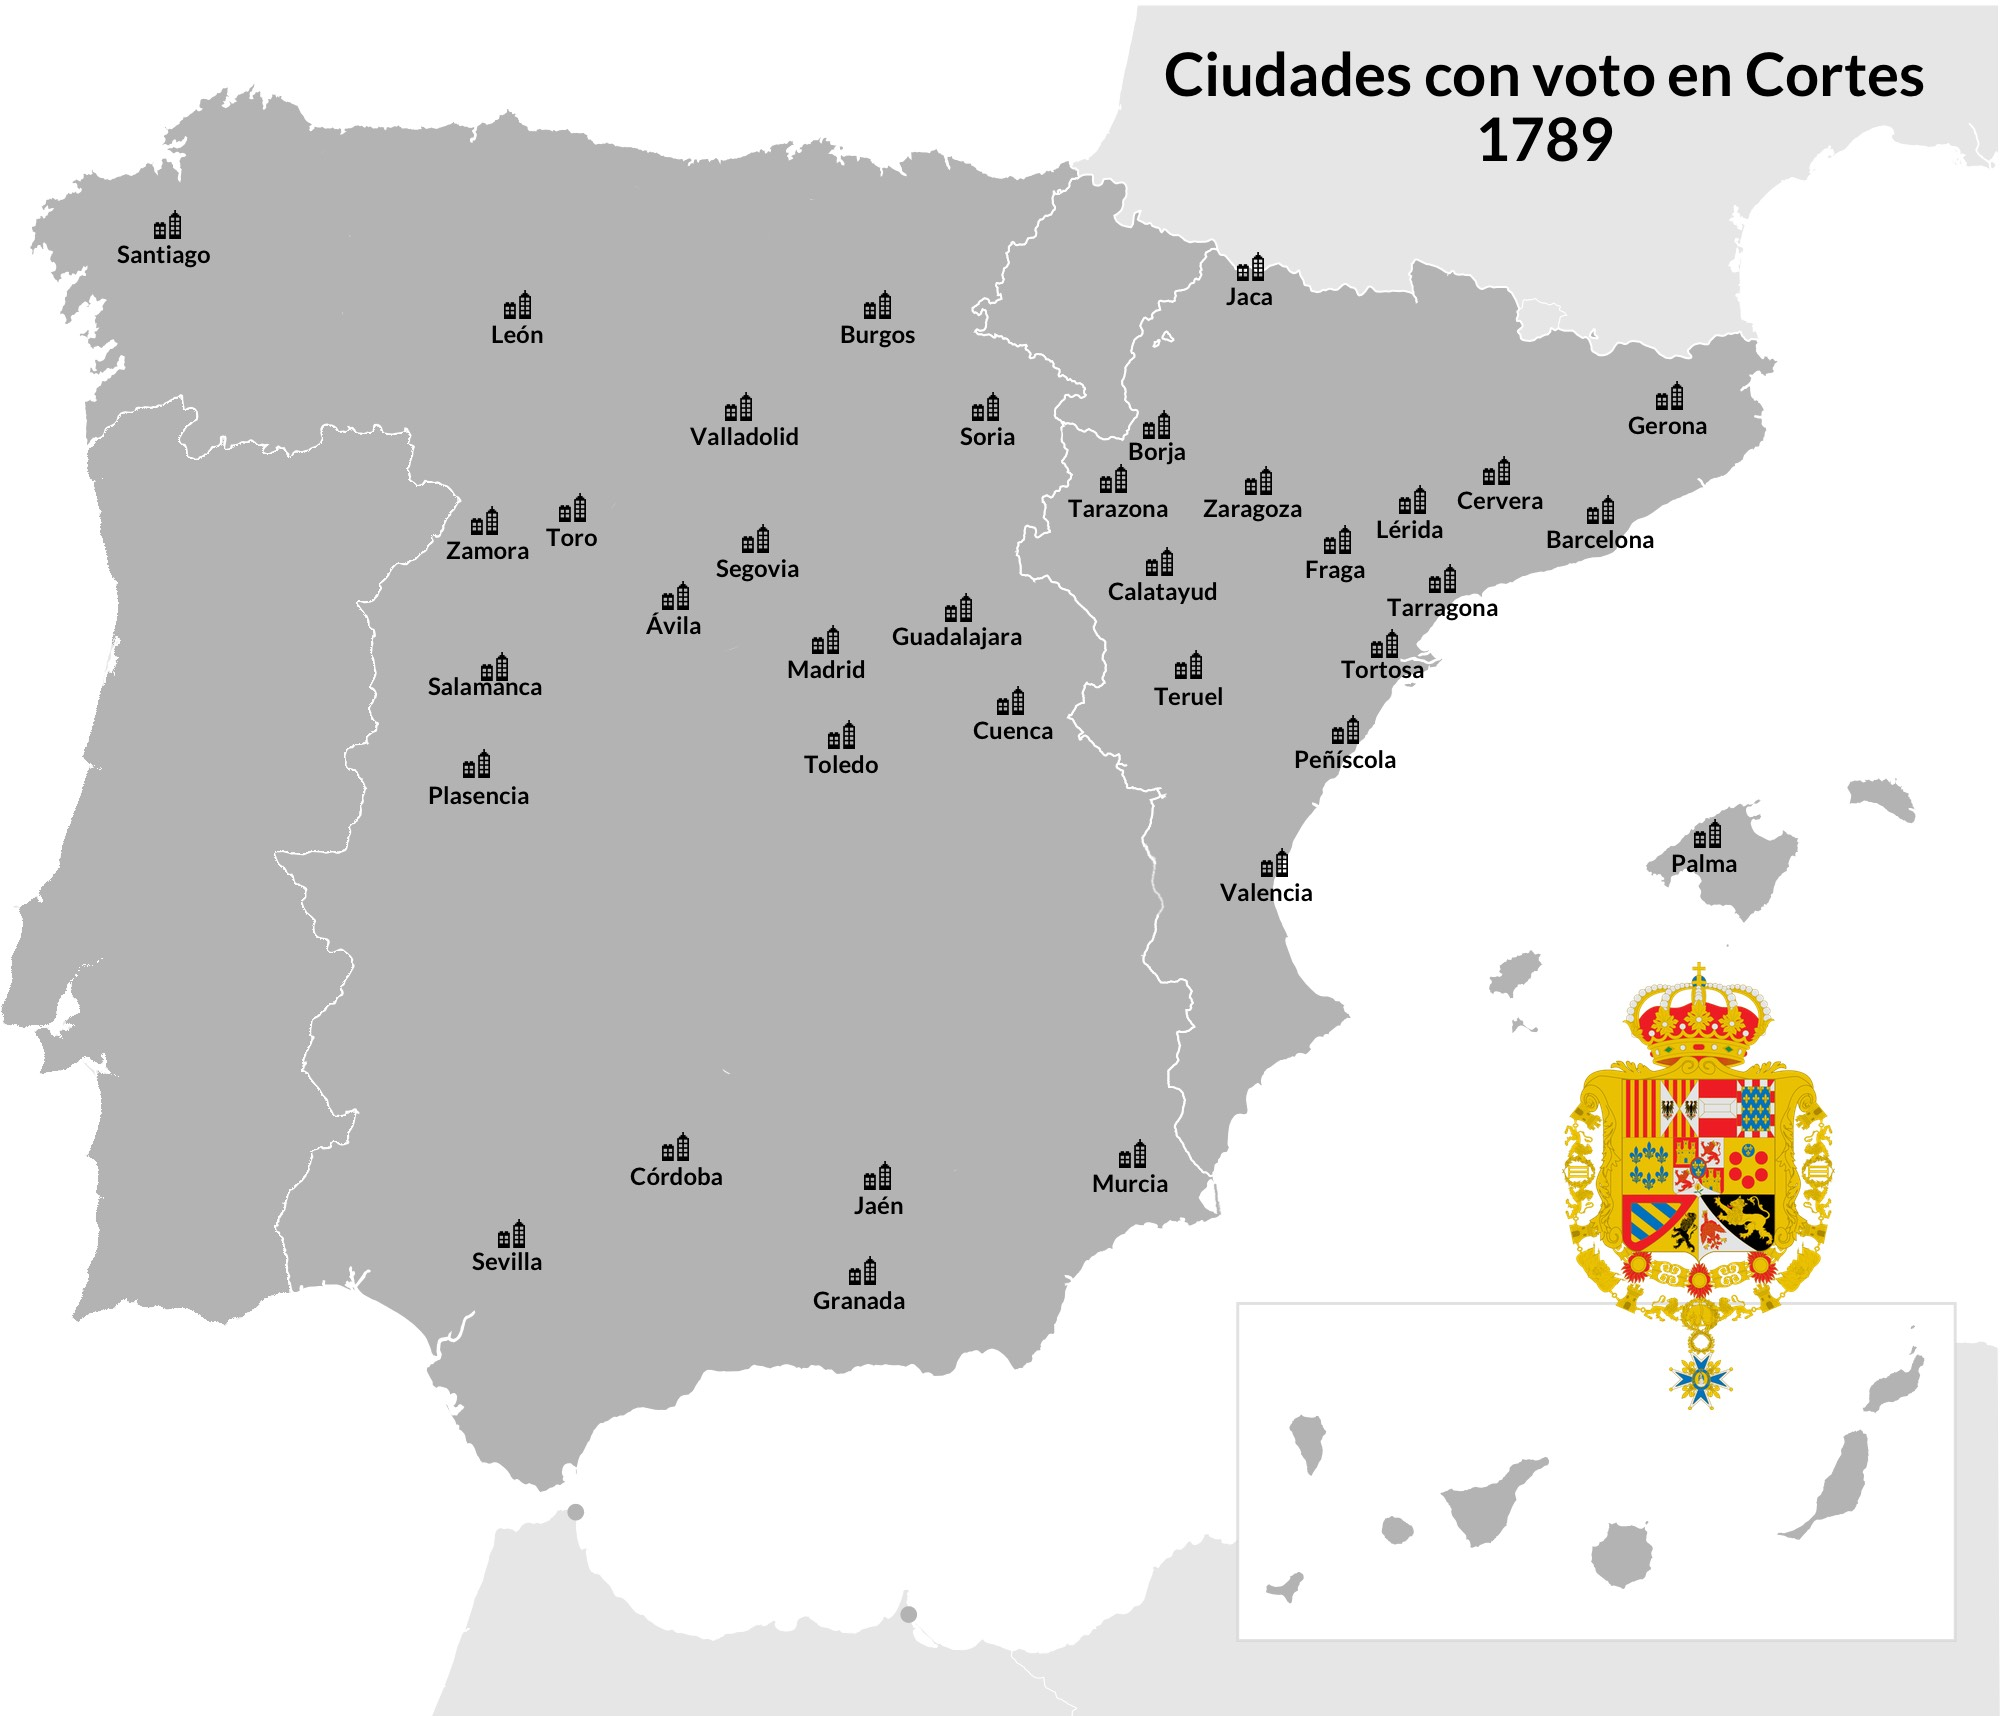 3-Voto en Cortes